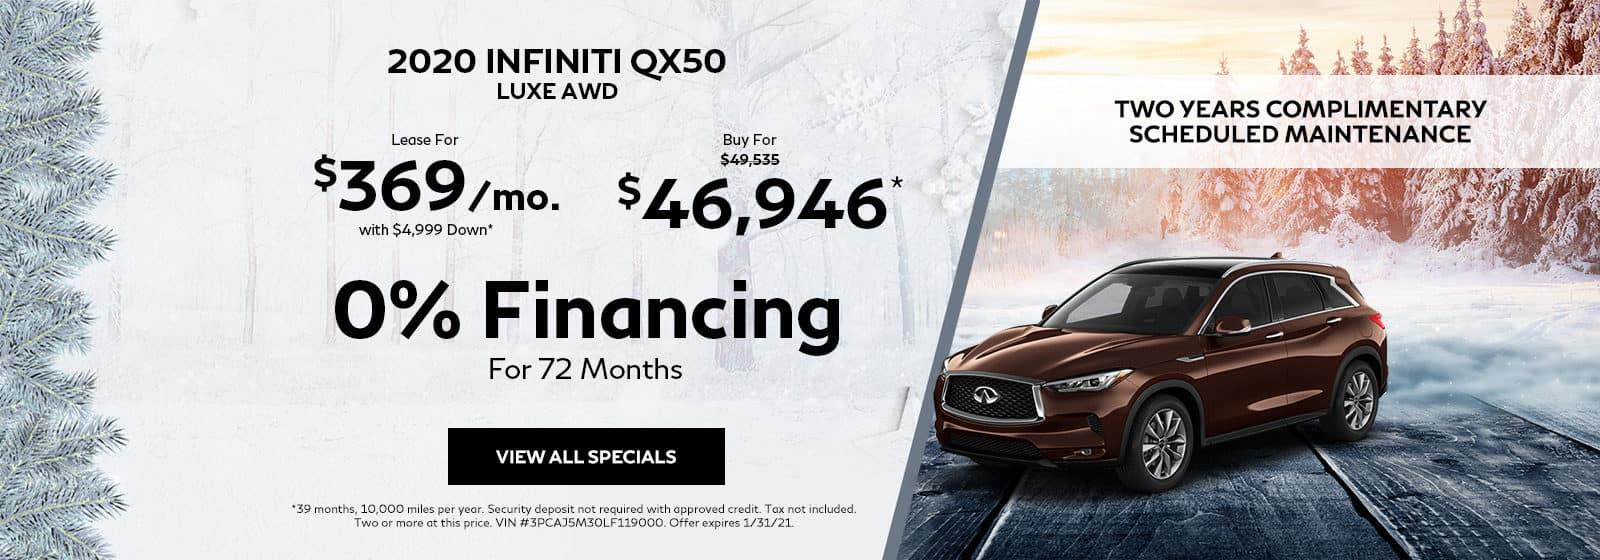 QX50 Special